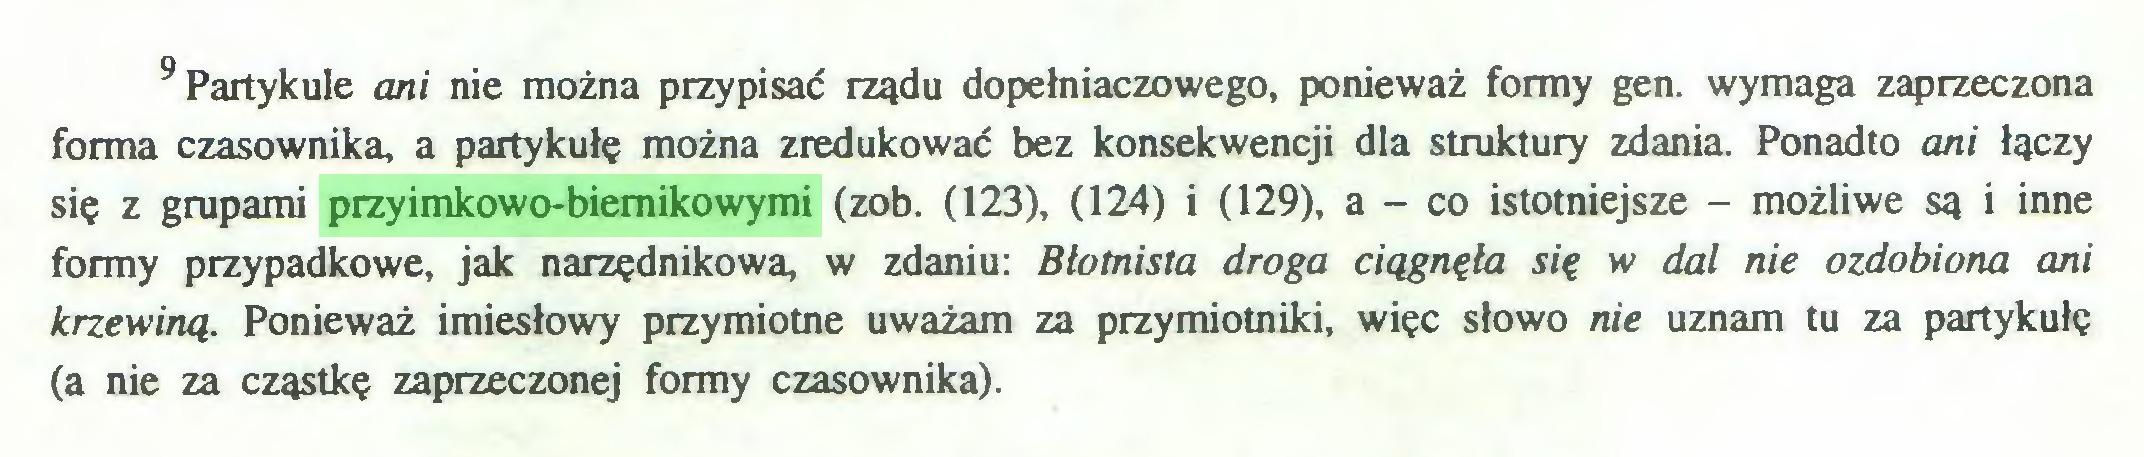 (...) 9 Partykule cmi nie można przypisać rządu dopełniaczowego, ponieważ formy gen. wymaga zaprzeczona forma czasownika, a partykułę można zredukować bez konsekwencji dla struktury zdania. Ponadto ani łączy się z grupami przyimkowo-biernikowymi (zob. (123), (124) i (129), a - co istotniejsze - możliwe są i inne formy przypadkowe, jak narzędnikowa, w zdaniu: Błotnista droga ciągnęła się w dal nie ozdobiona ani krzewiną. Ponieważ imiesłowy przymiotne uważam za przymiotniki, więc słowo nie uznam tu za partykułę (a nie za cząstkę zaprzeczonej formy czasownika)...